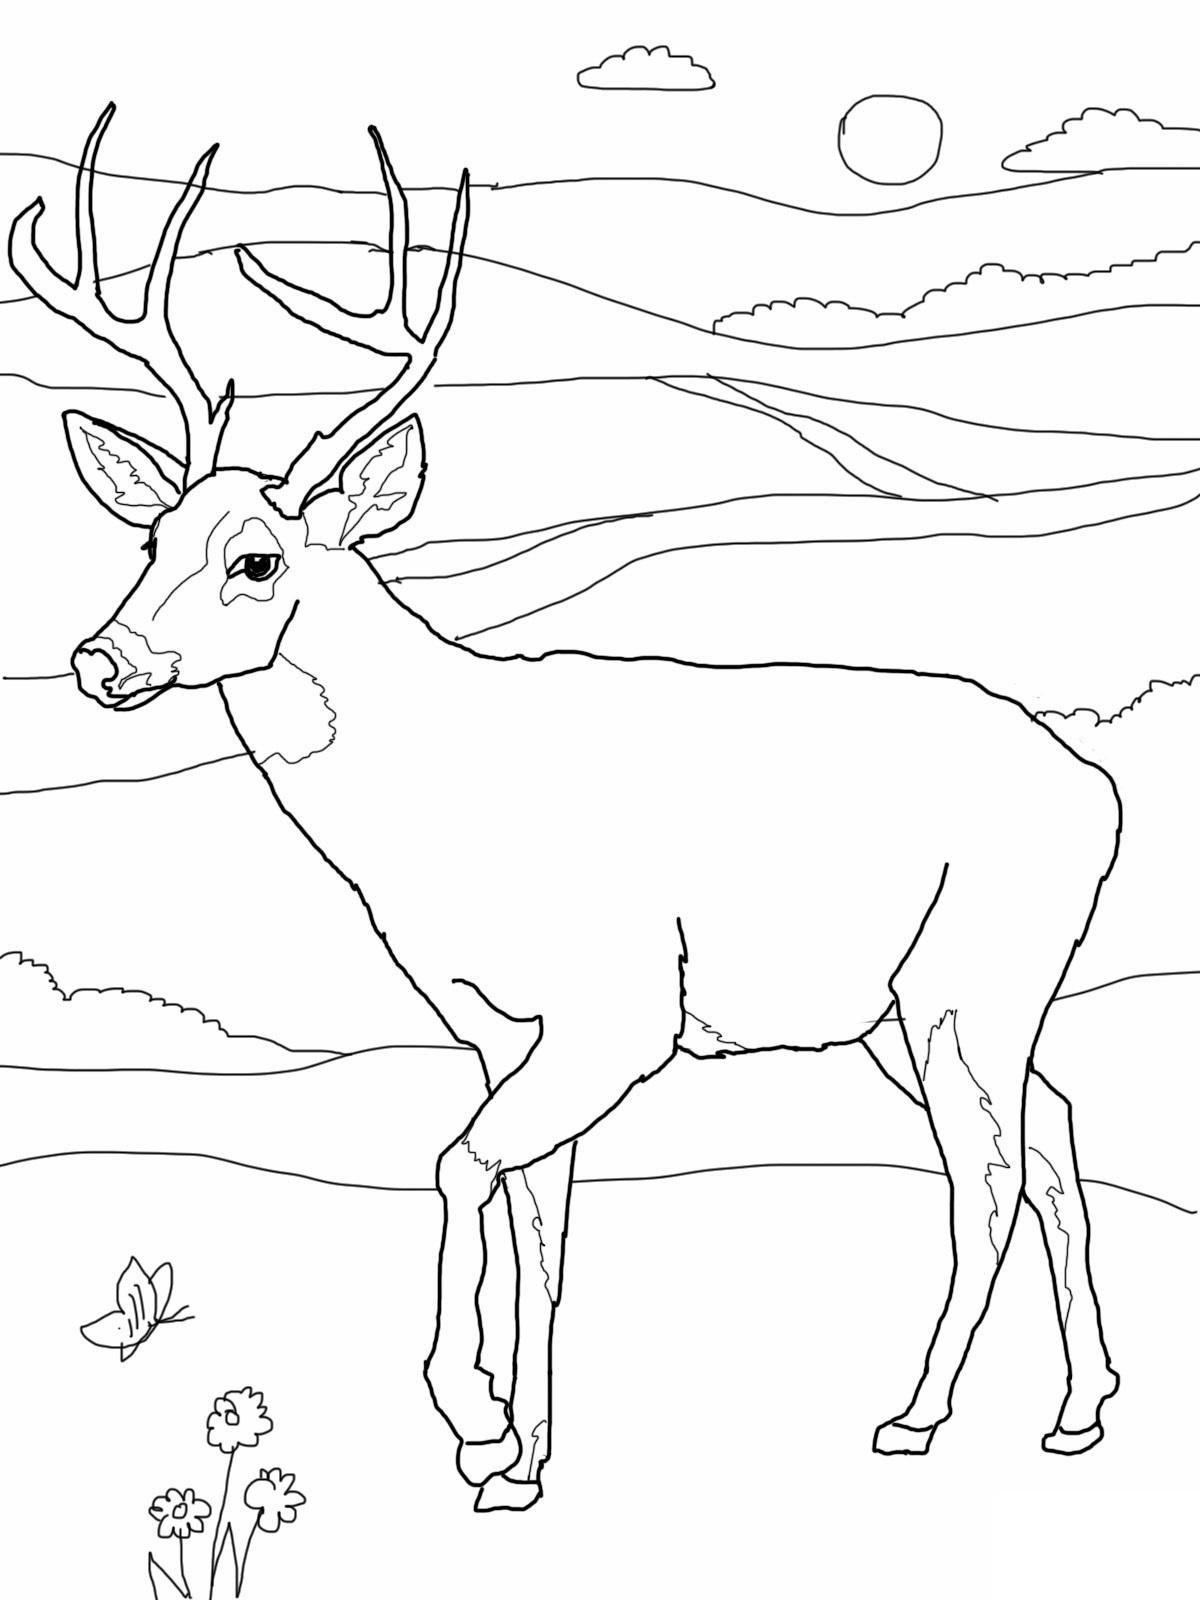 coloring pages of deer free printable deer coloring pages for kids coloring pages deer of 1 1